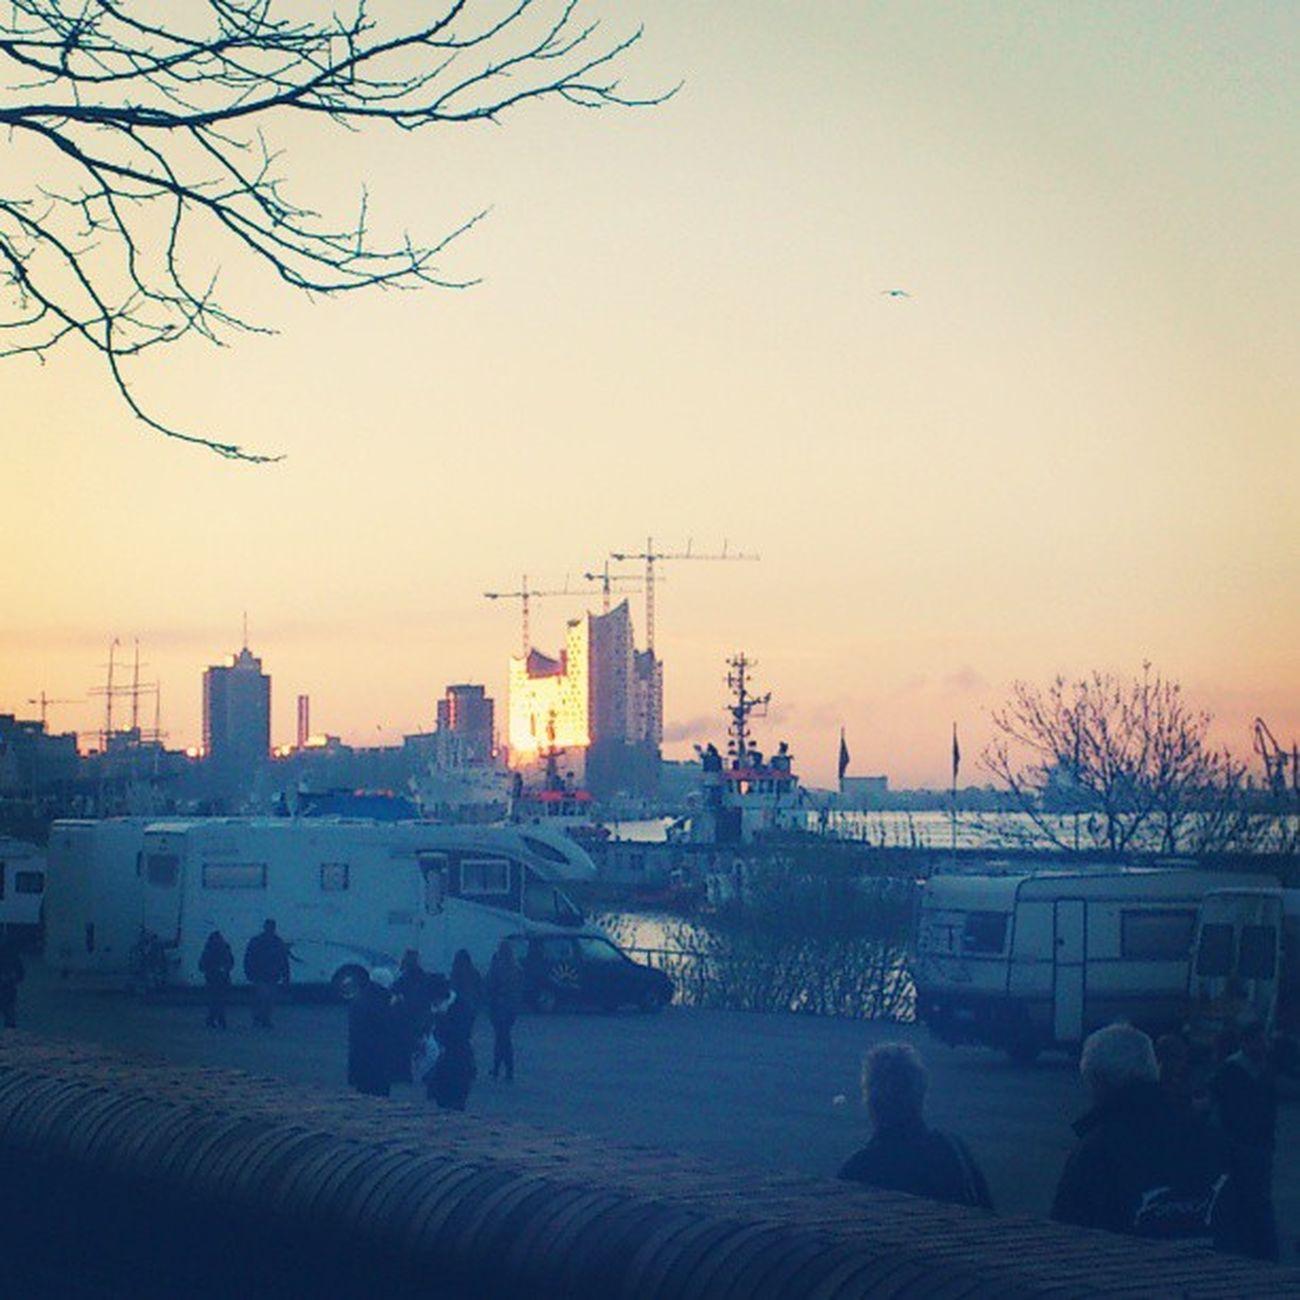 Noch ein nachträgliches Bild vom Fischmarkt Besuch Elbphilharmonie Hamburg